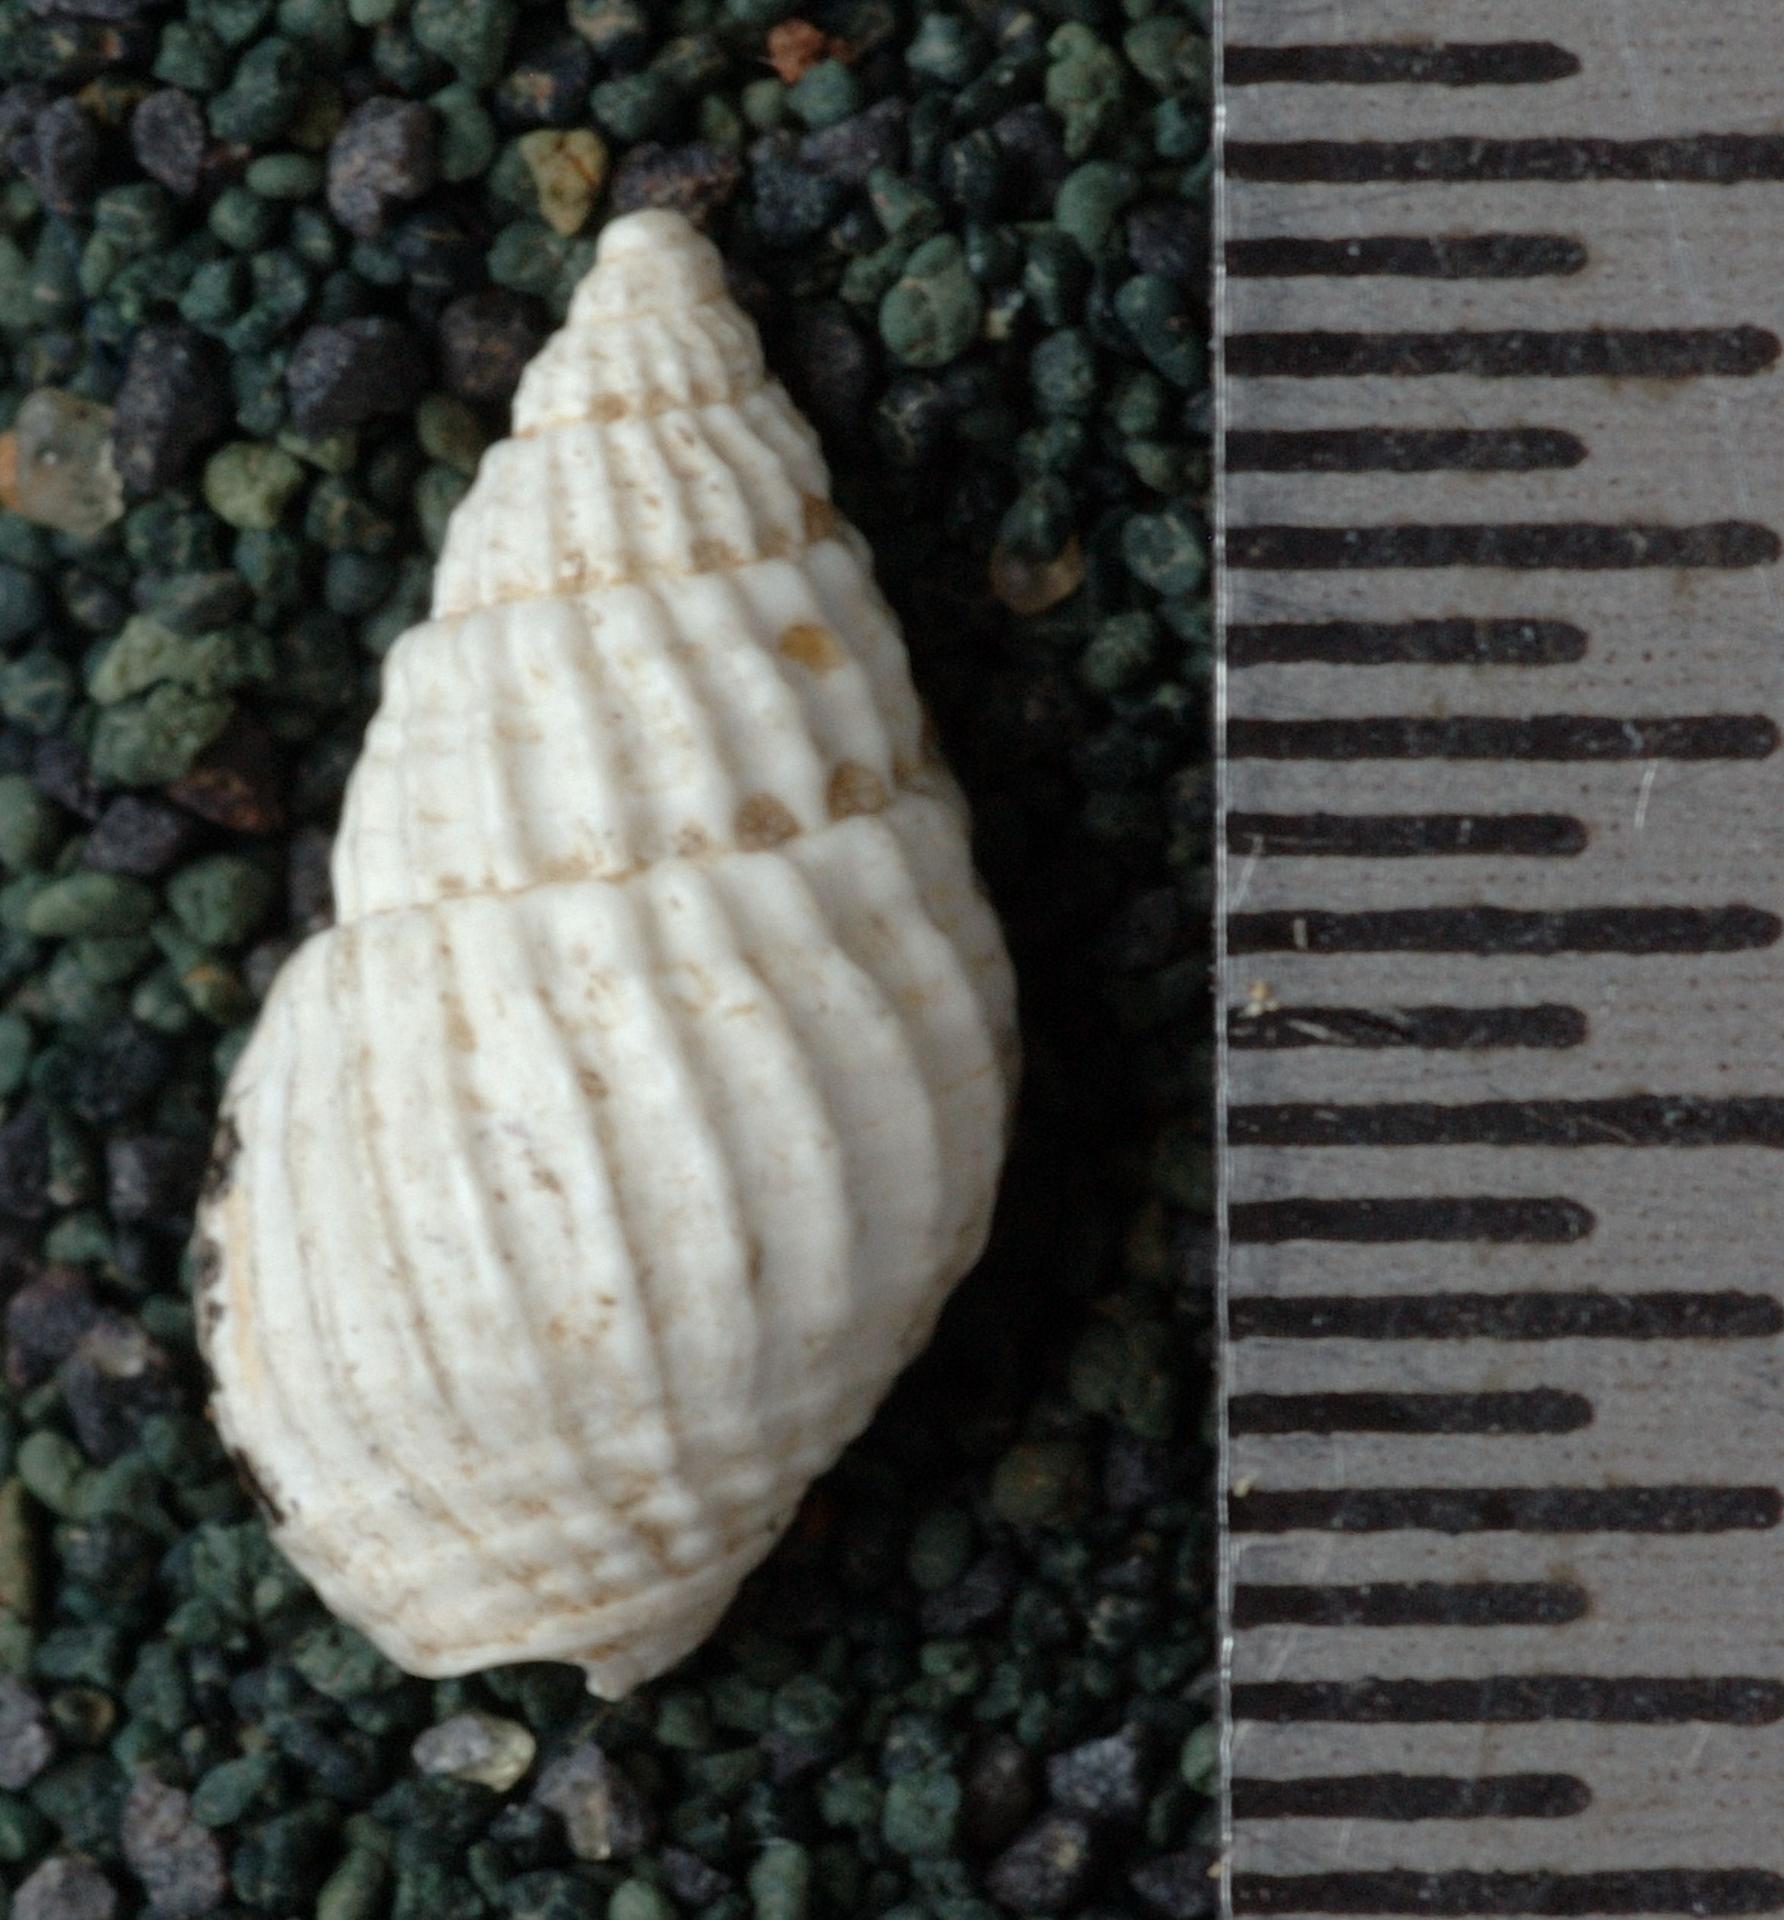 RGM.9545 | Nassa (Niotha) talahabensis Martin, 1921